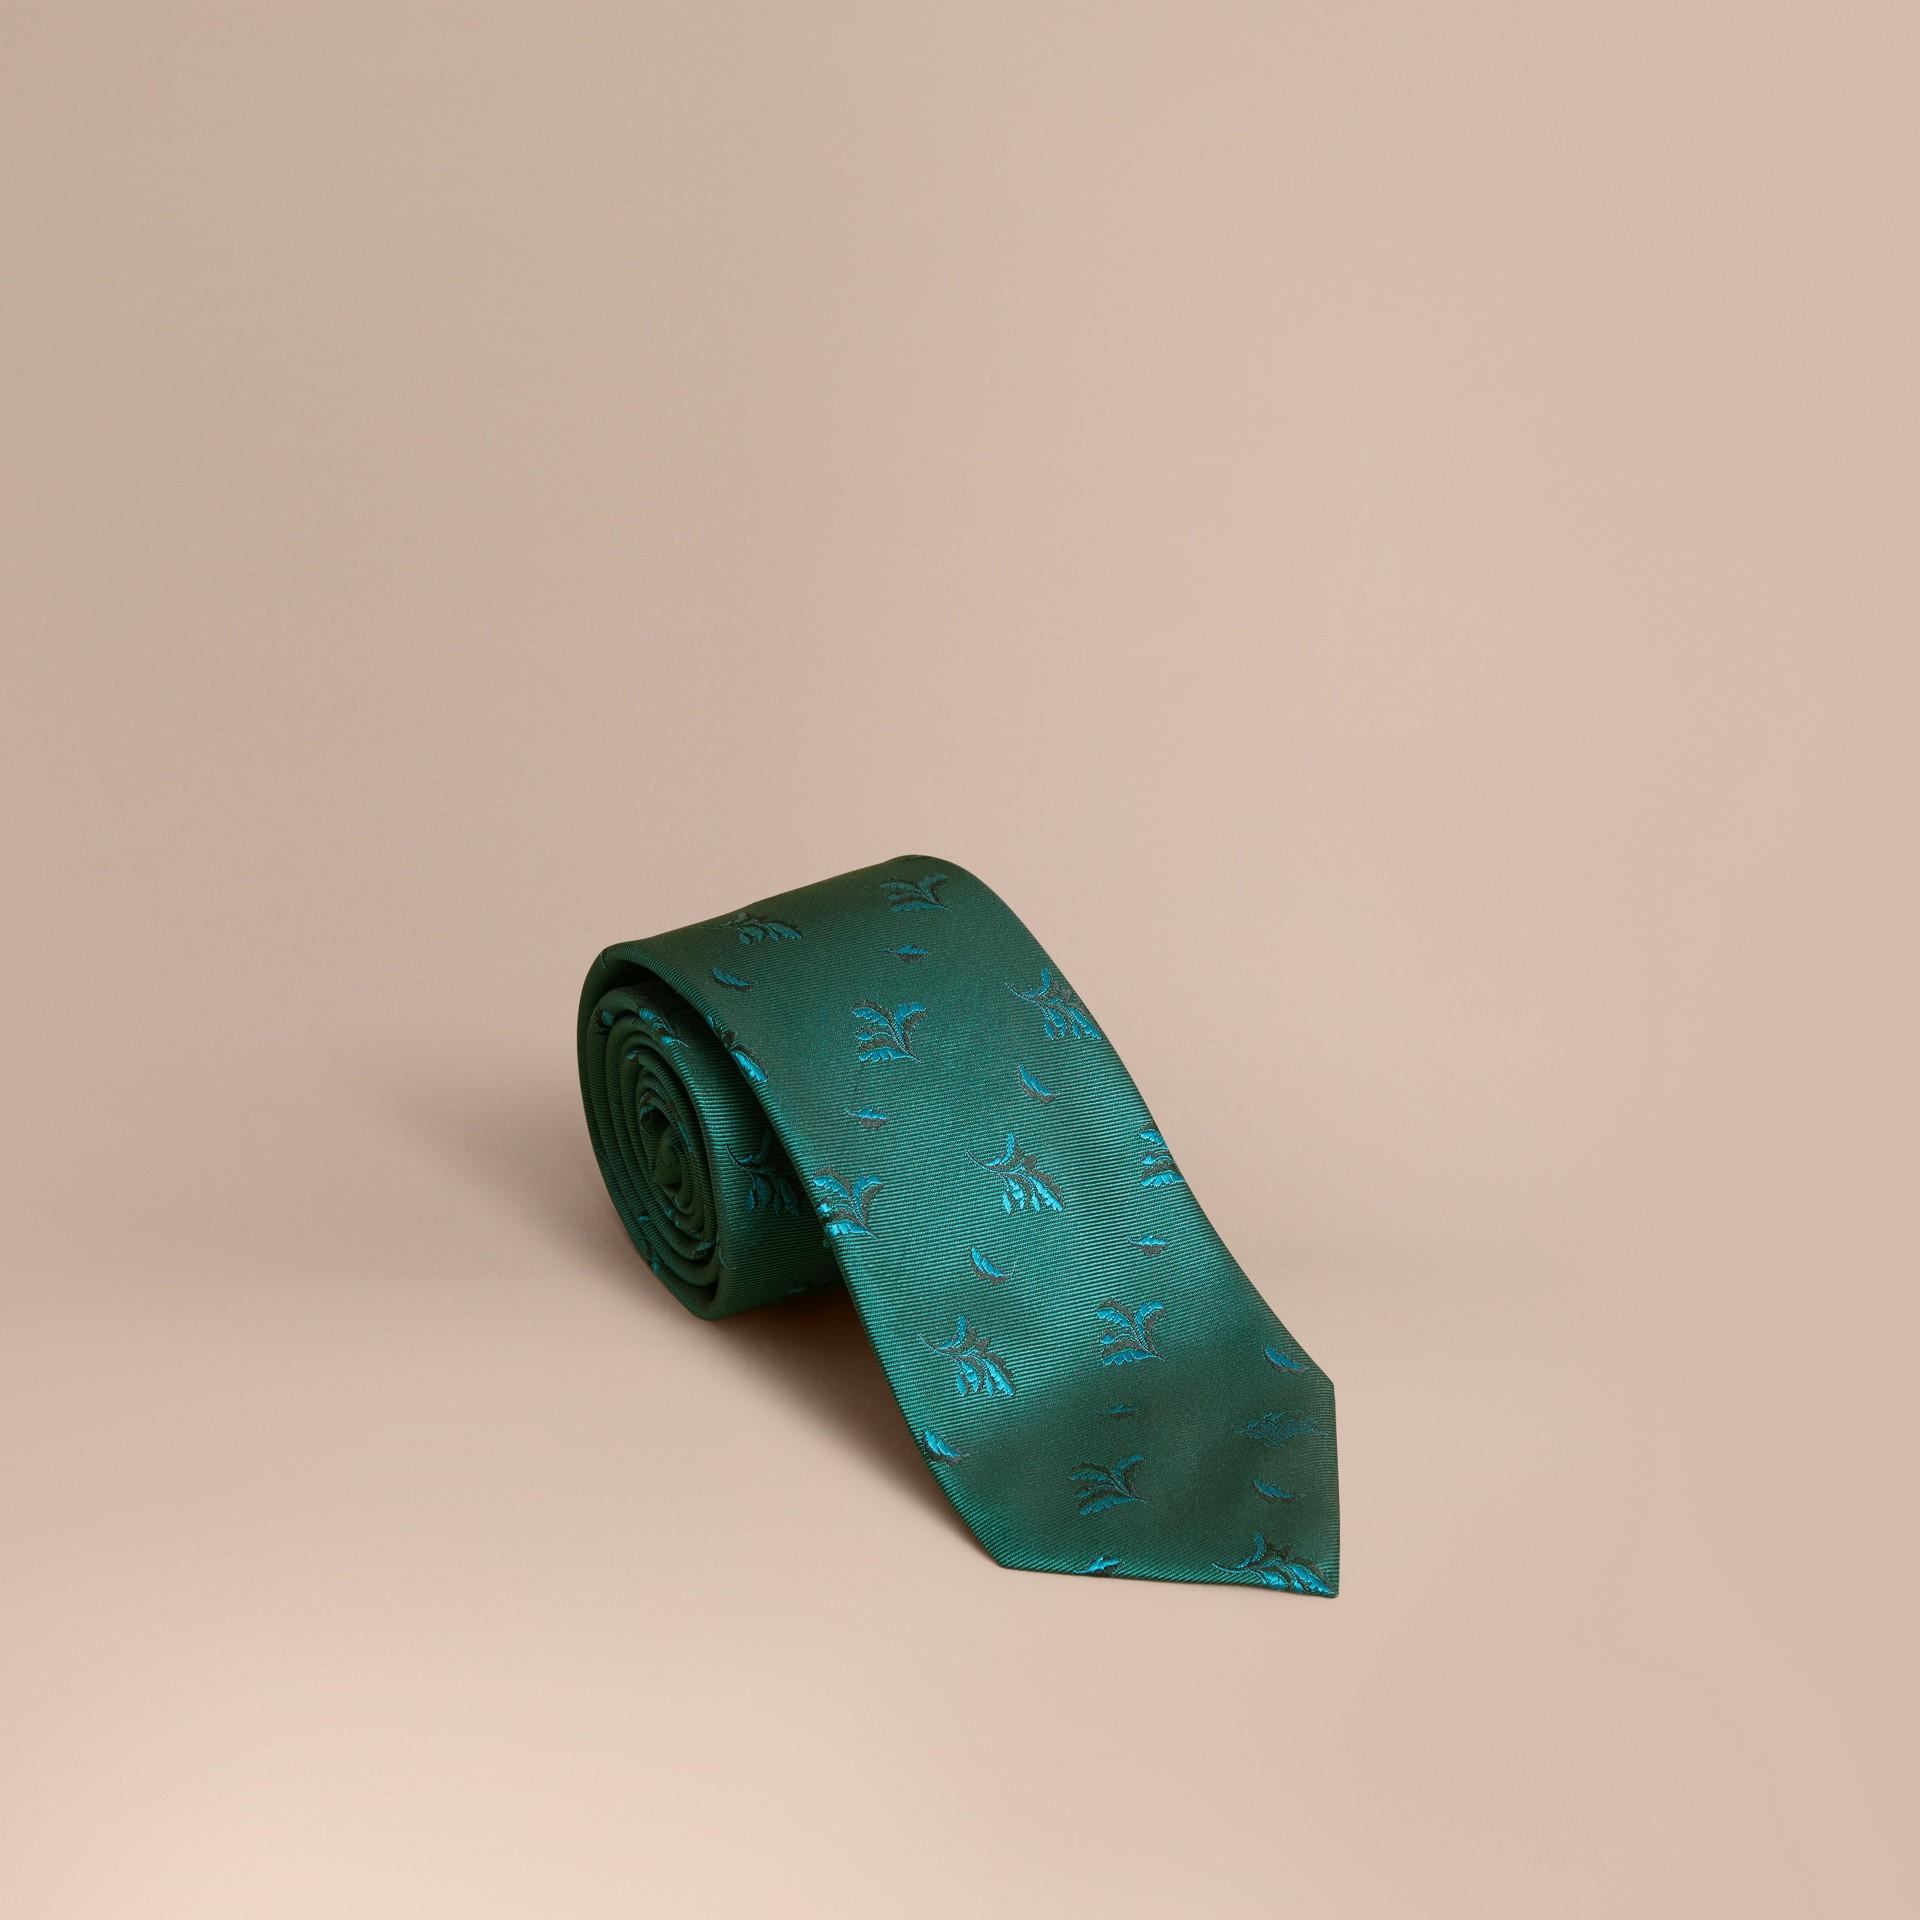 Modern Cut Leaf Jacquard Silk Tie in Teal - gallery image 1